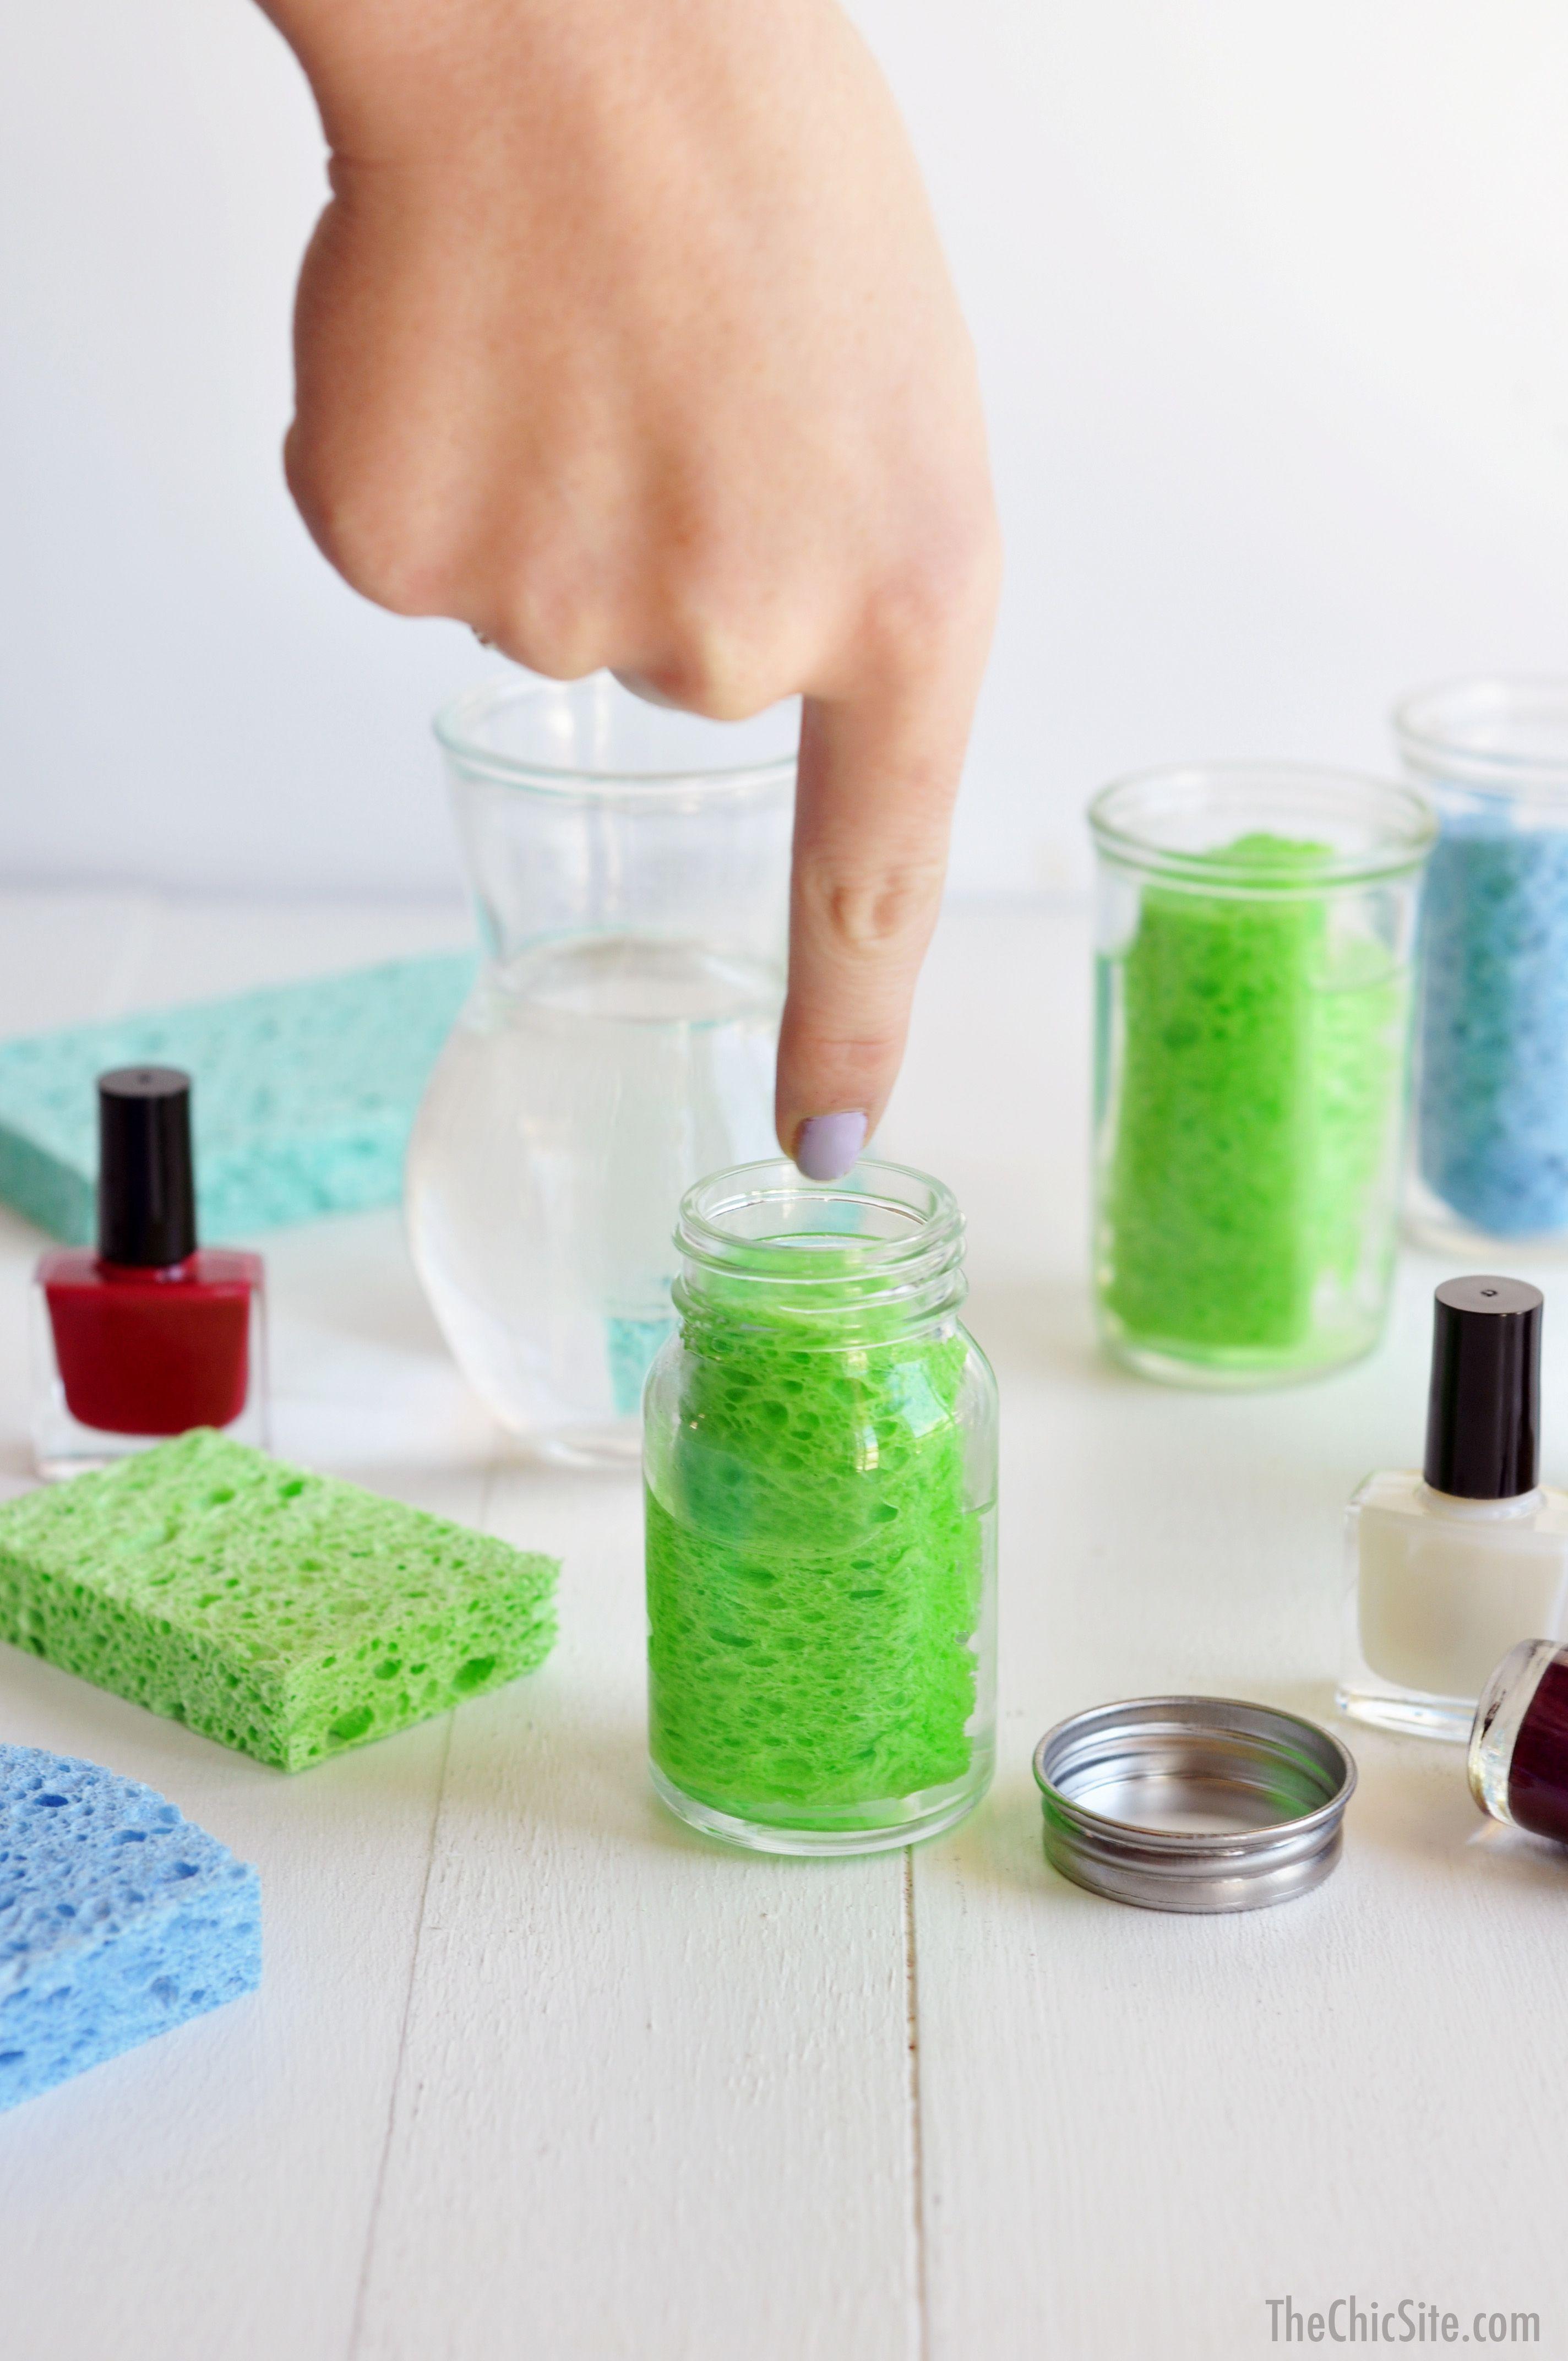 DIY Nail Polish Remover Station--the easy way to remove nail polish ...